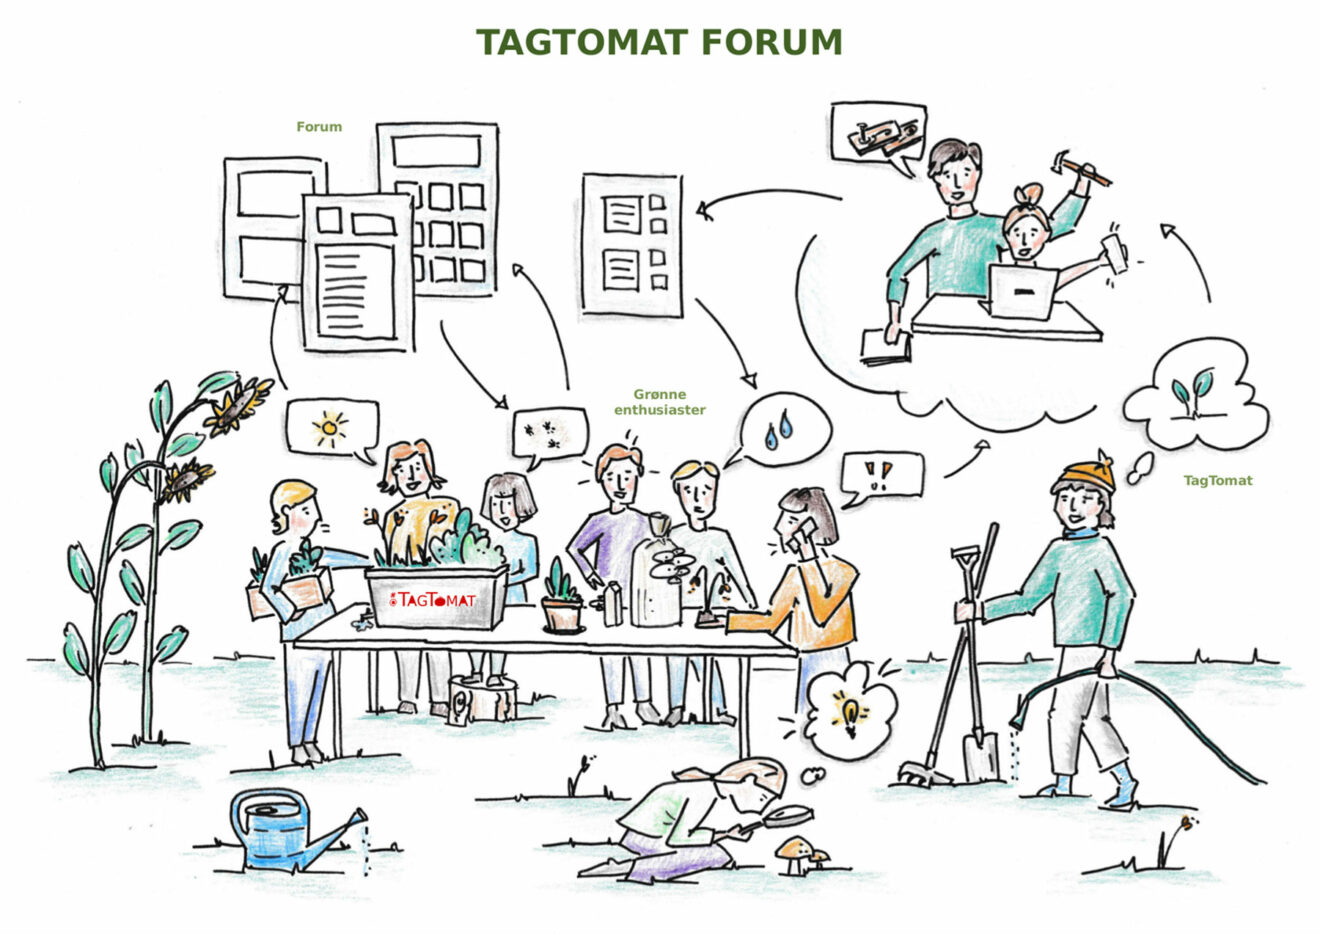 Vidensdeling hos TagTomat - fra Open Source til ForumTomat - Download e-bog gratis